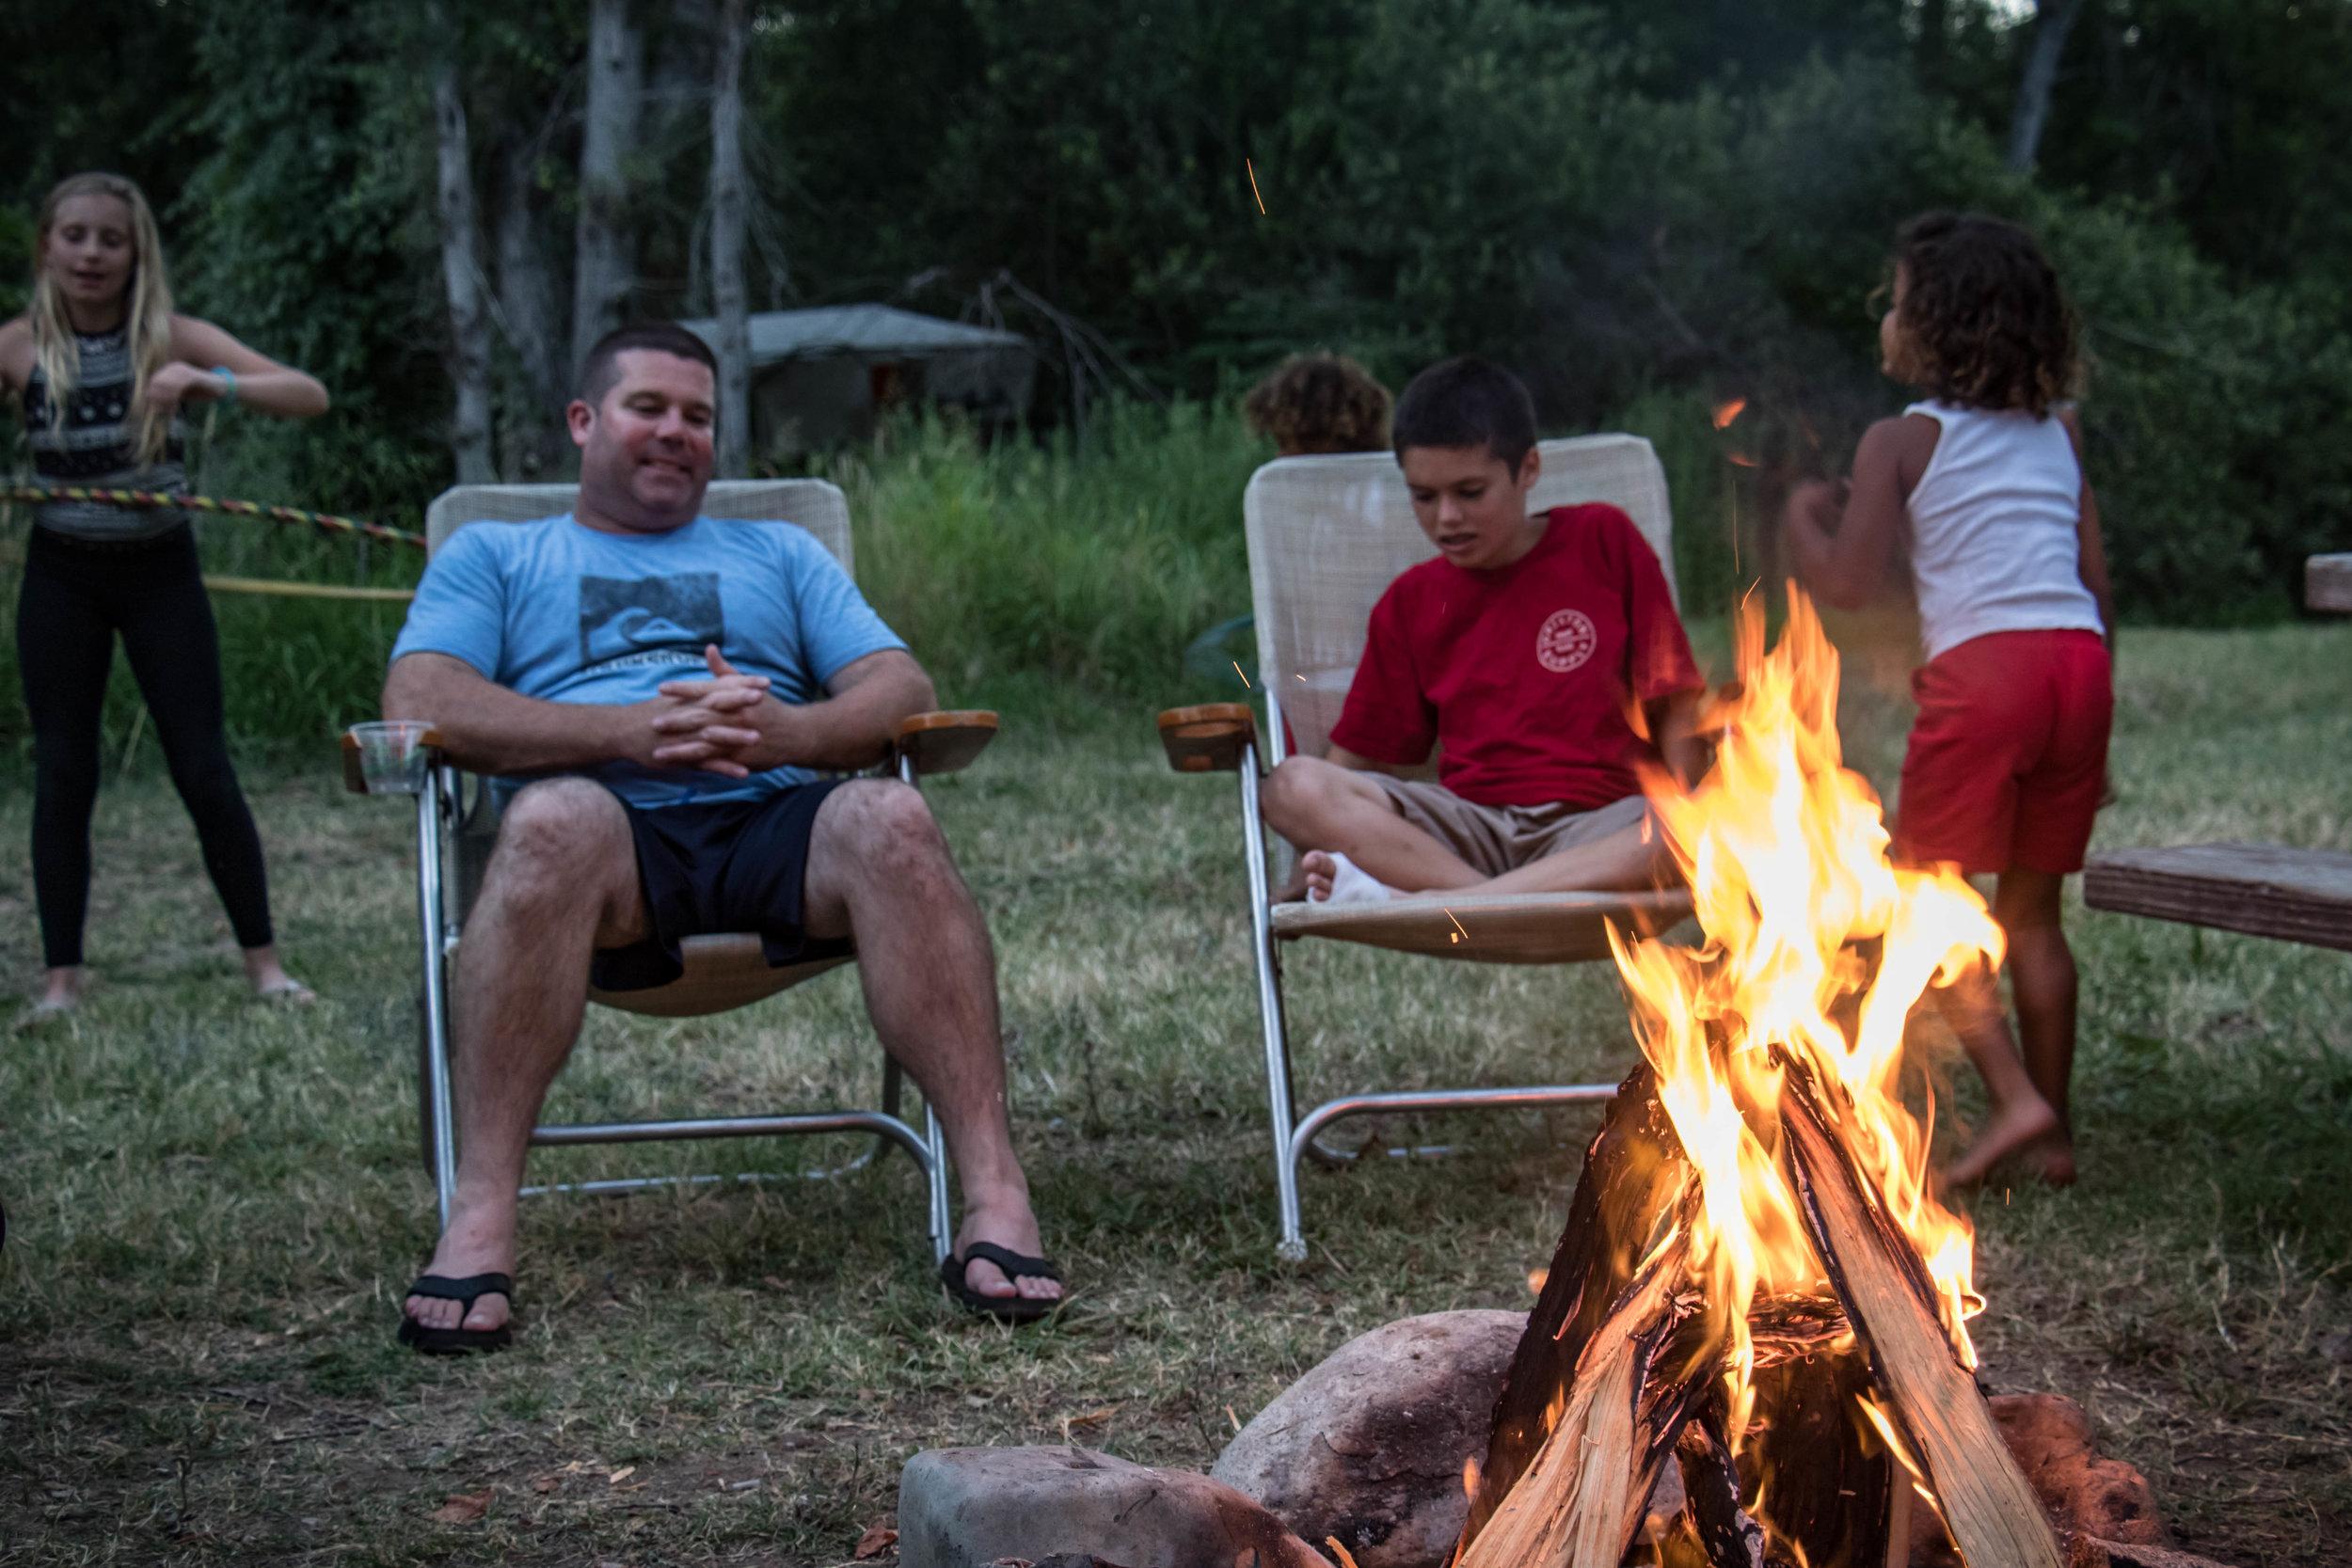 Camping Vacations